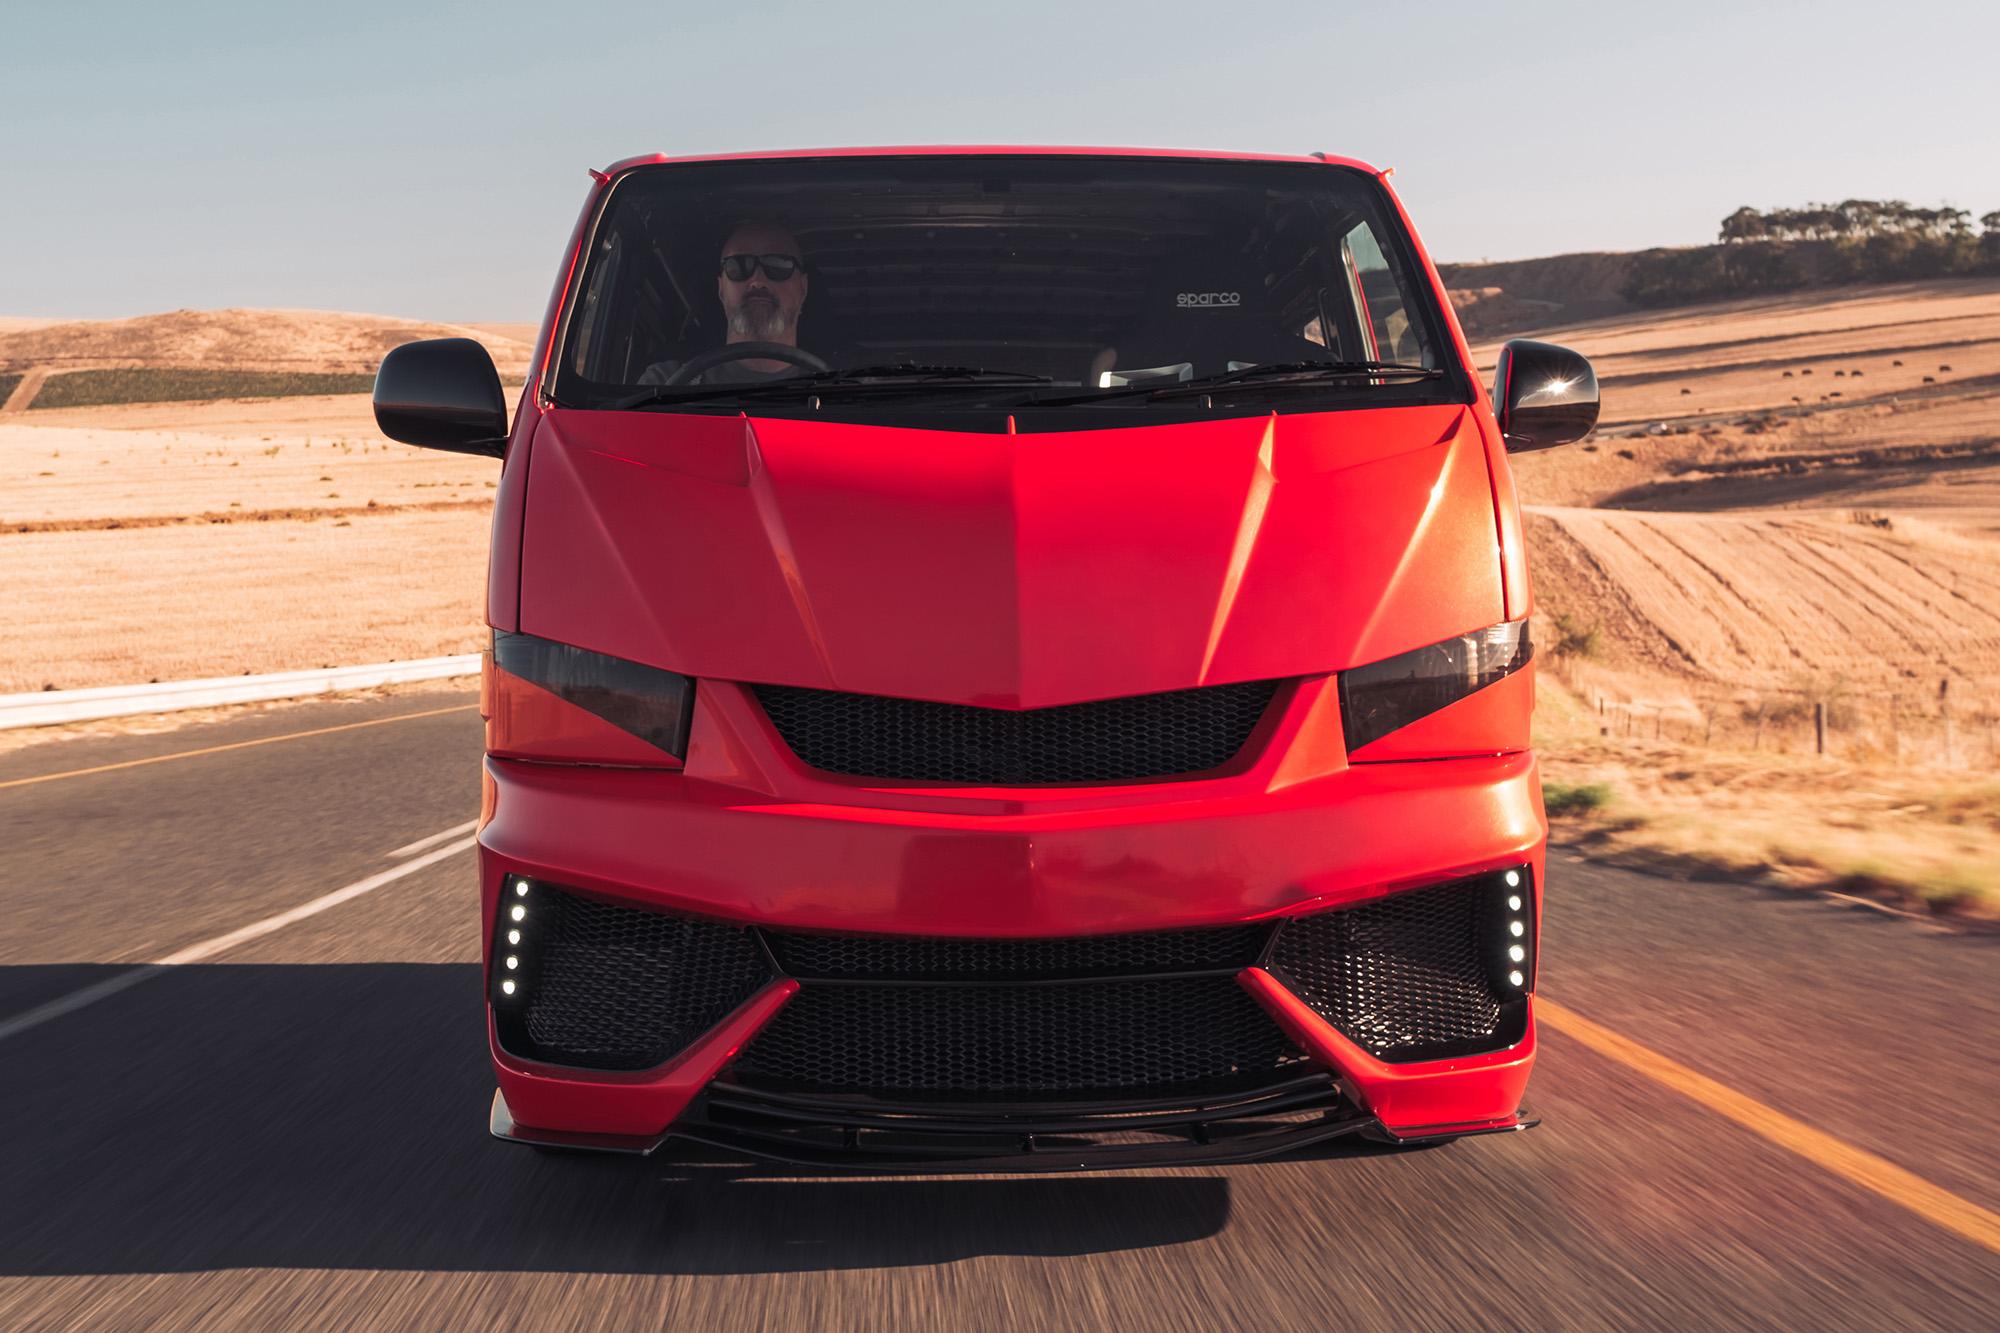 Esse Aventador parece diference? Calma, é só um Toyota HiAce com motor V12